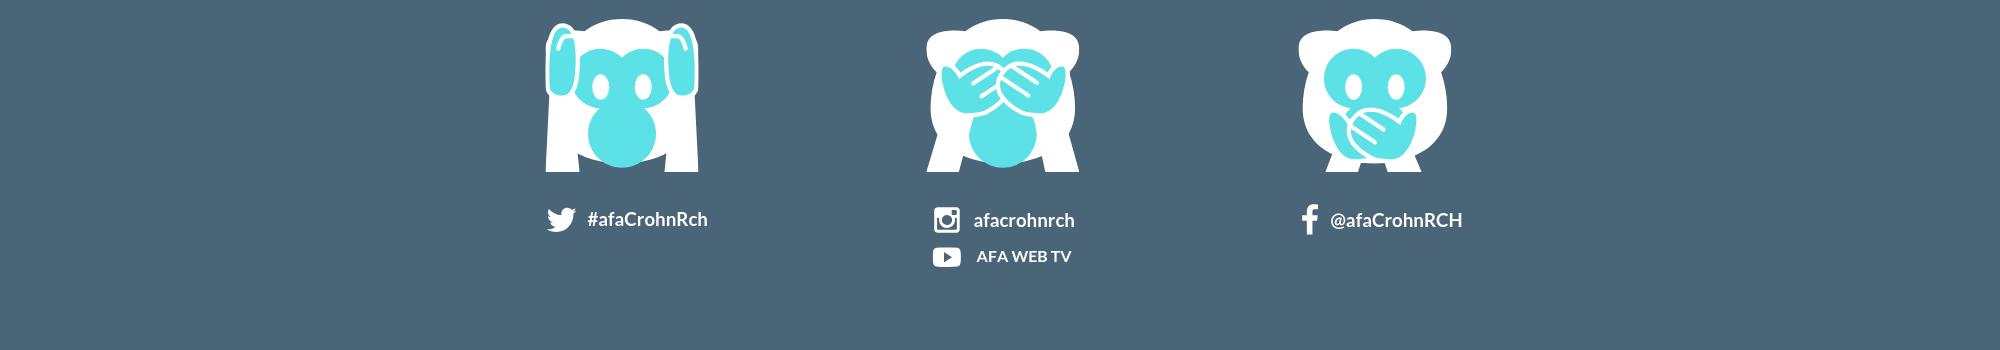 Contre les MICI, brisons les tabous ! - association François Aupetit - afa Crohn RCH